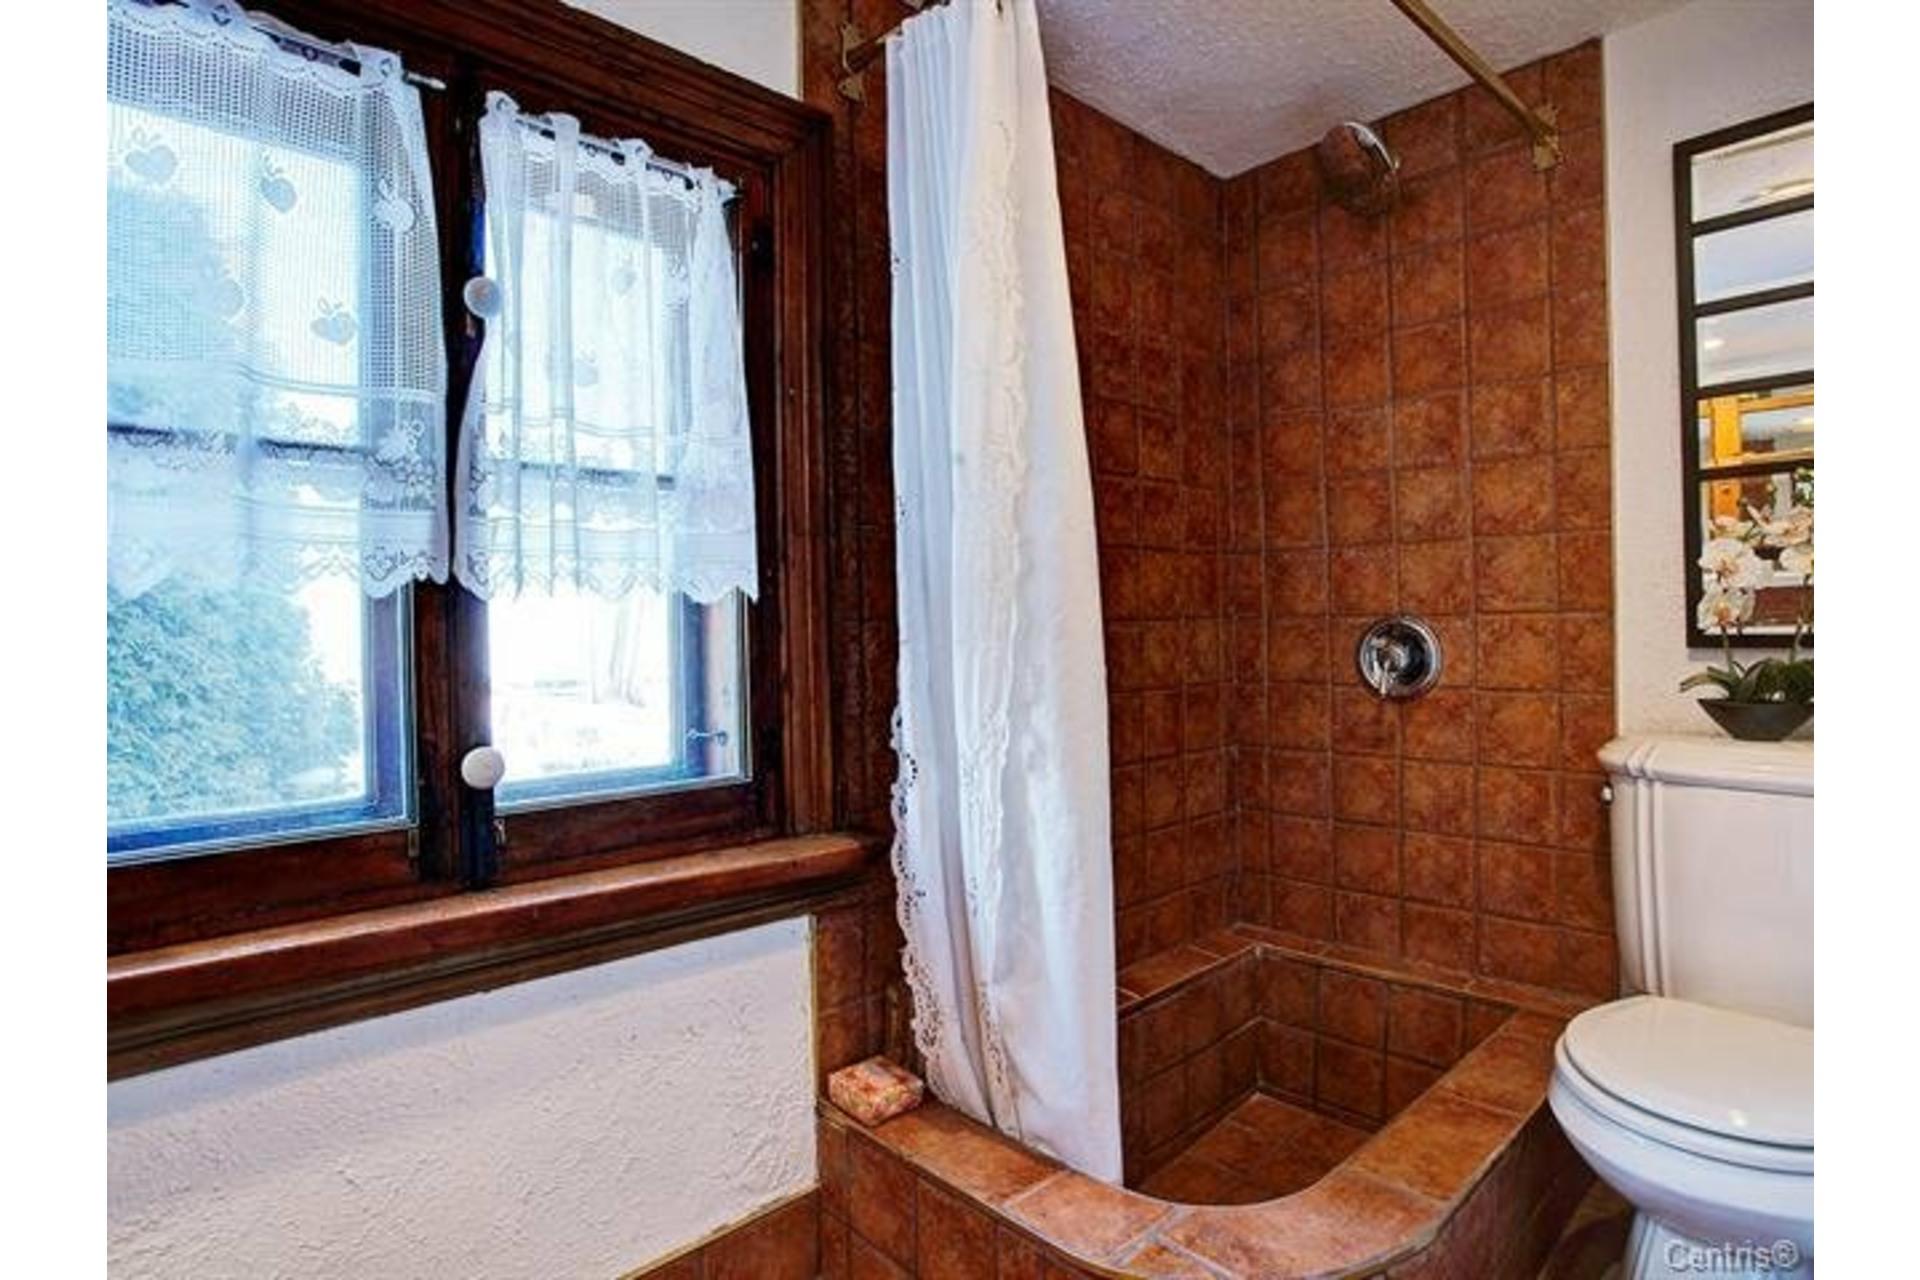 image 9 - Maison À vendre Vaudreuil-Dorion - 12 pièces